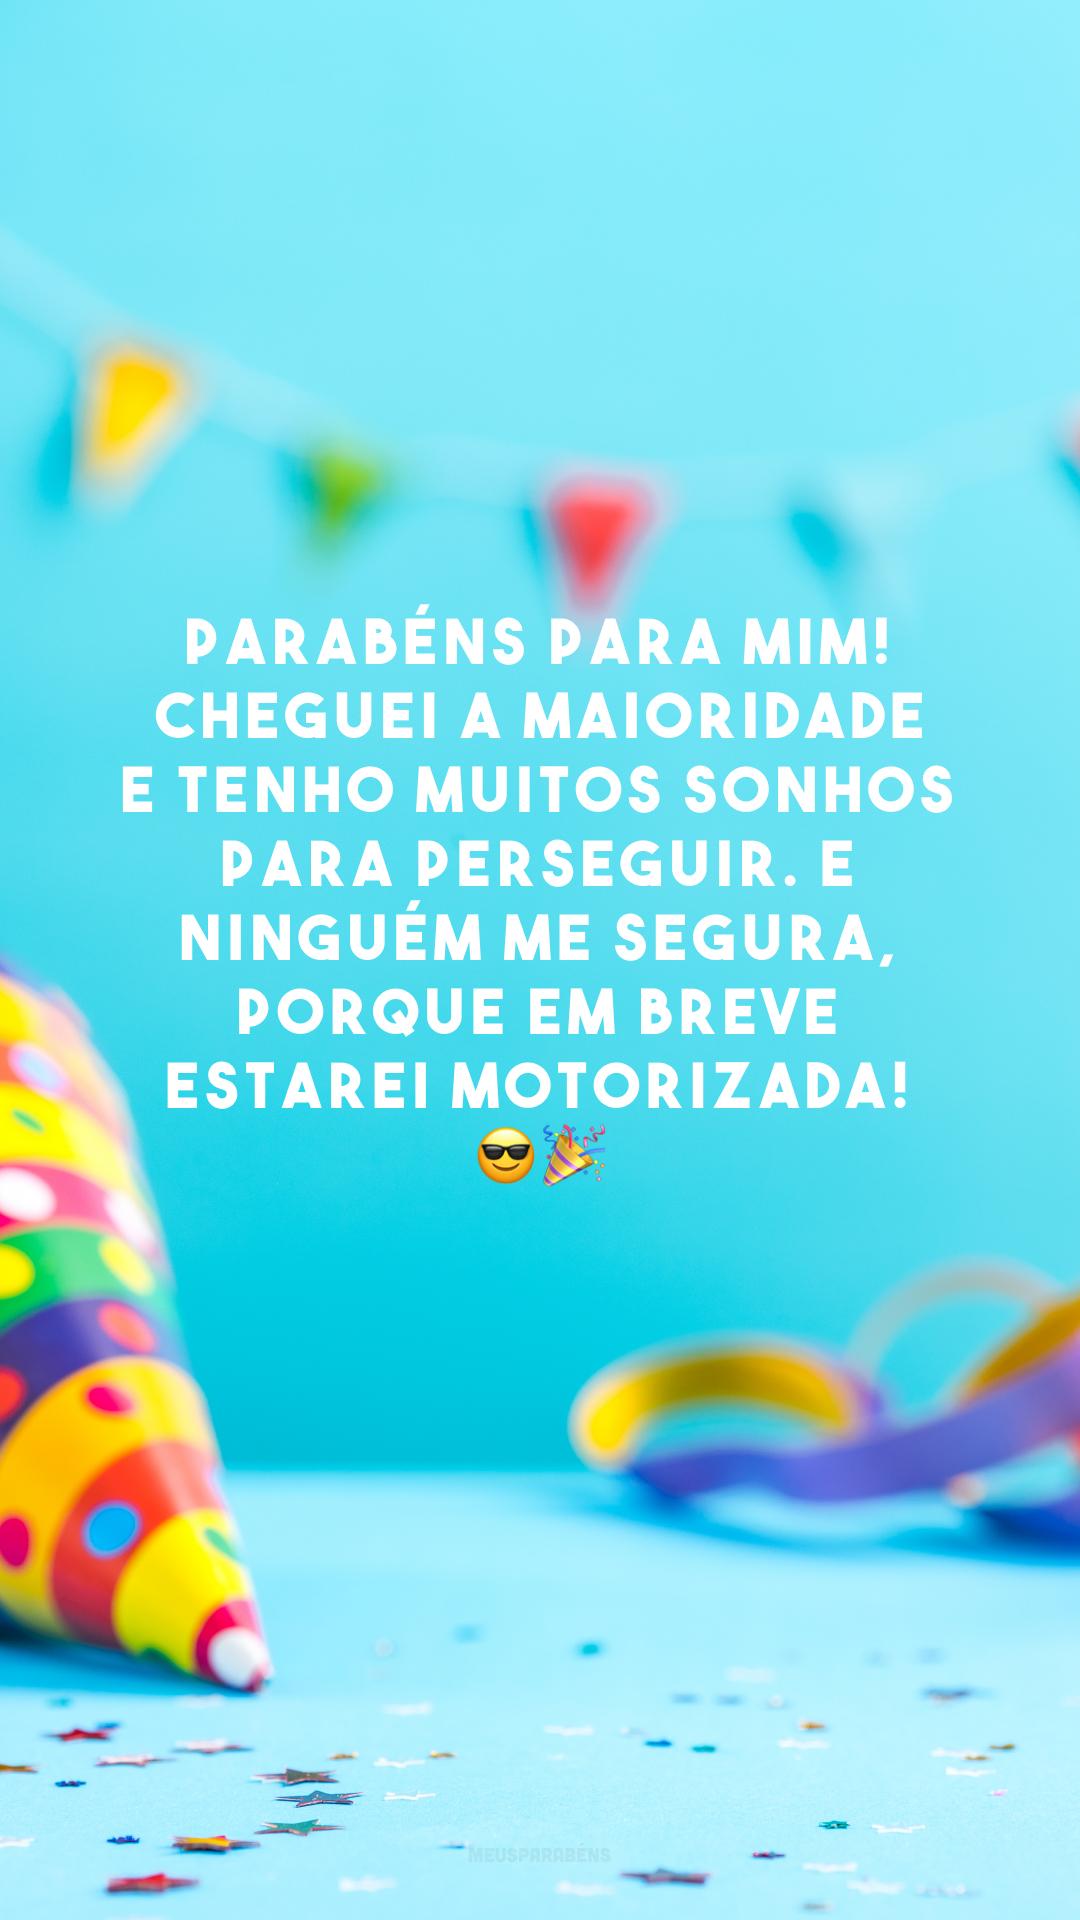 Parabéns para mim! Cheguei a maioridade e tenho muitos sonhos para perseguir. E ninguém me segura, porque em breve estarei motorizada! 😎🎉